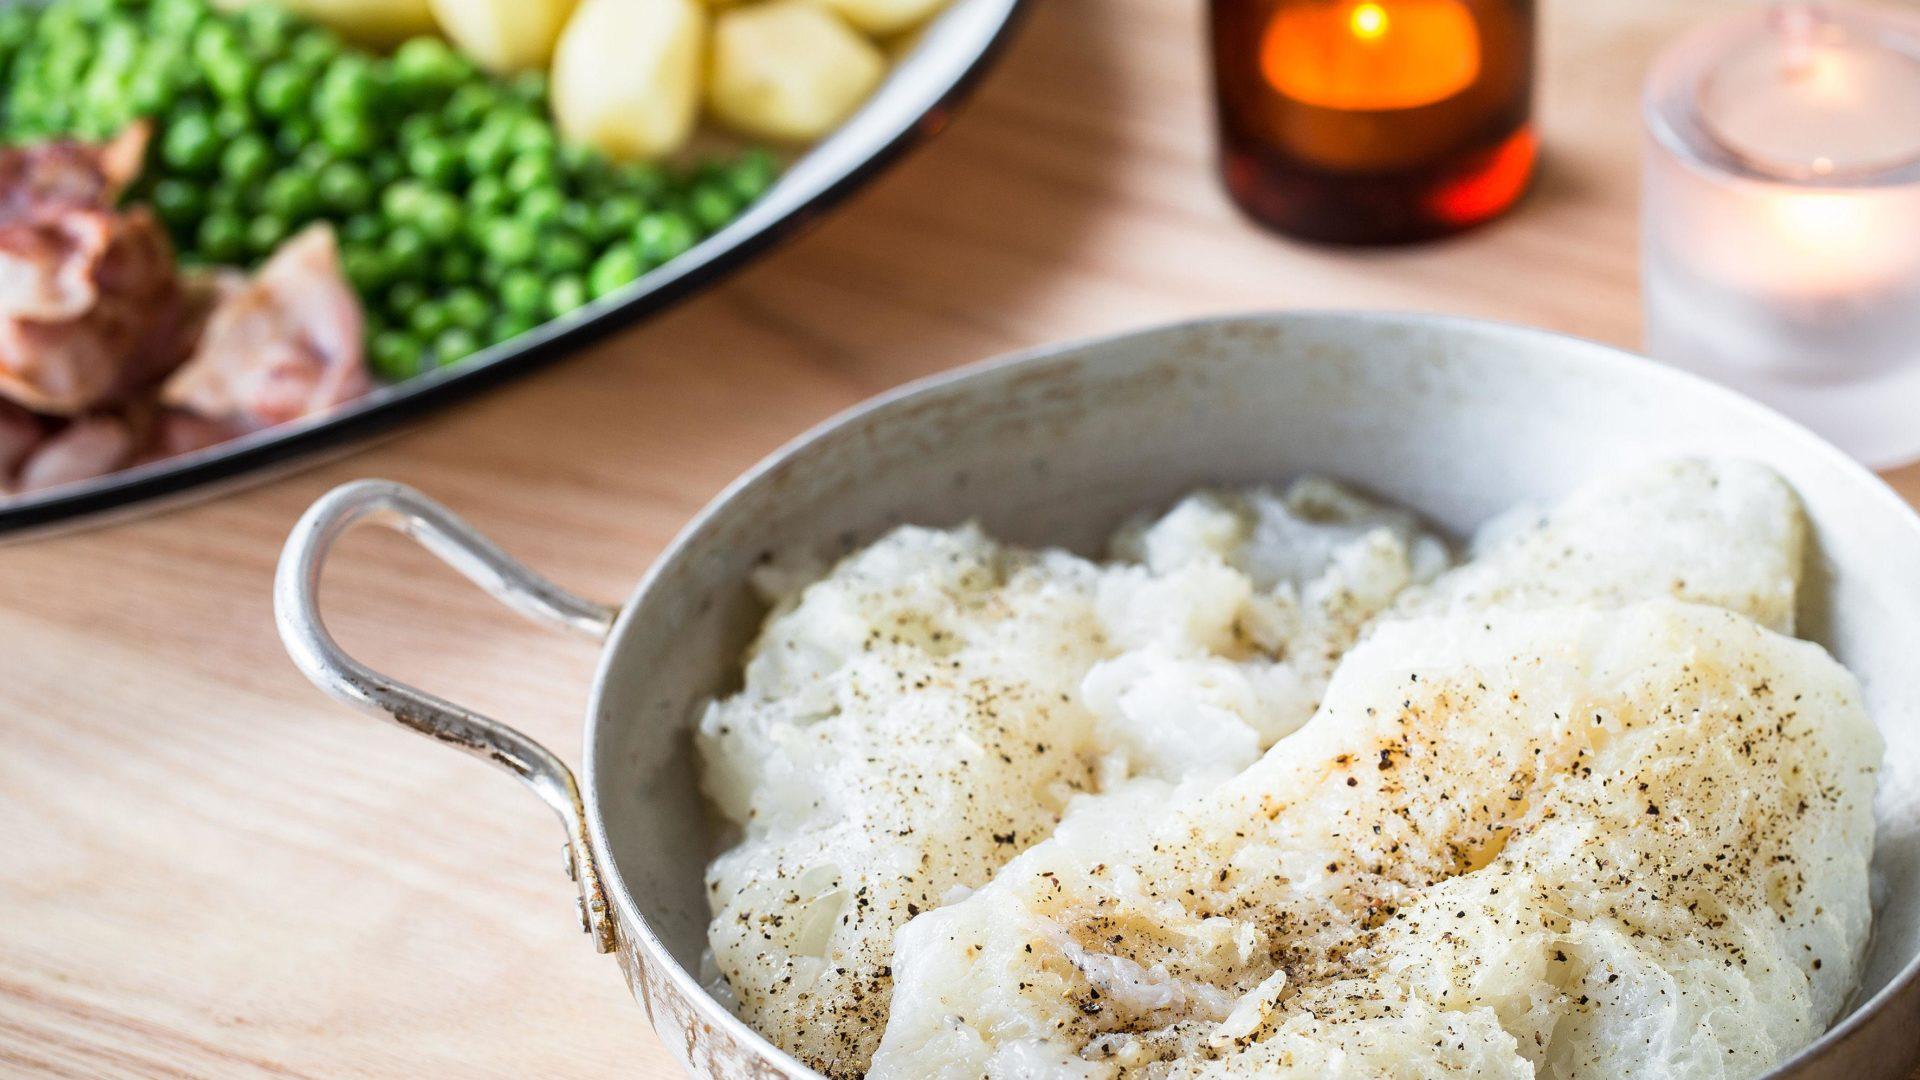 Lipeäkala perinteiseen tapaan | Reseptit | Hätälä Oy